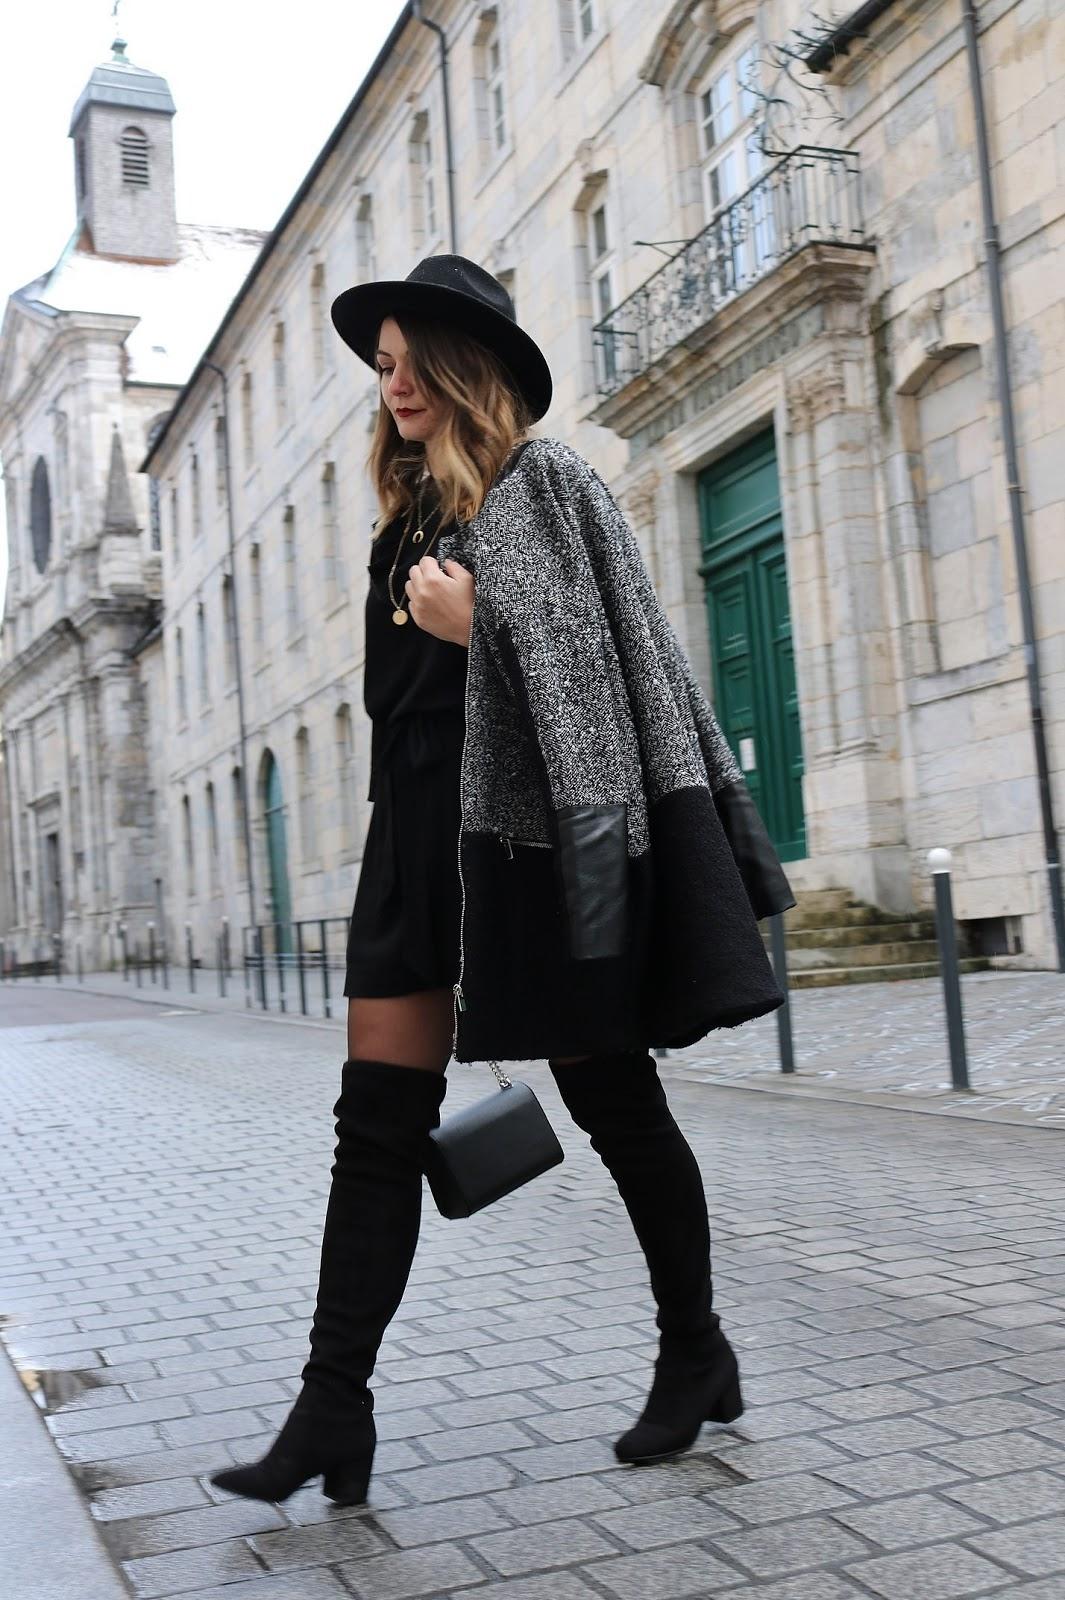 pauline-dress-besancon-look-tenue-du-jour-outfit-cuissardes-black-manteau-chine-boyfriend-chapeau-jonak-hm-believee